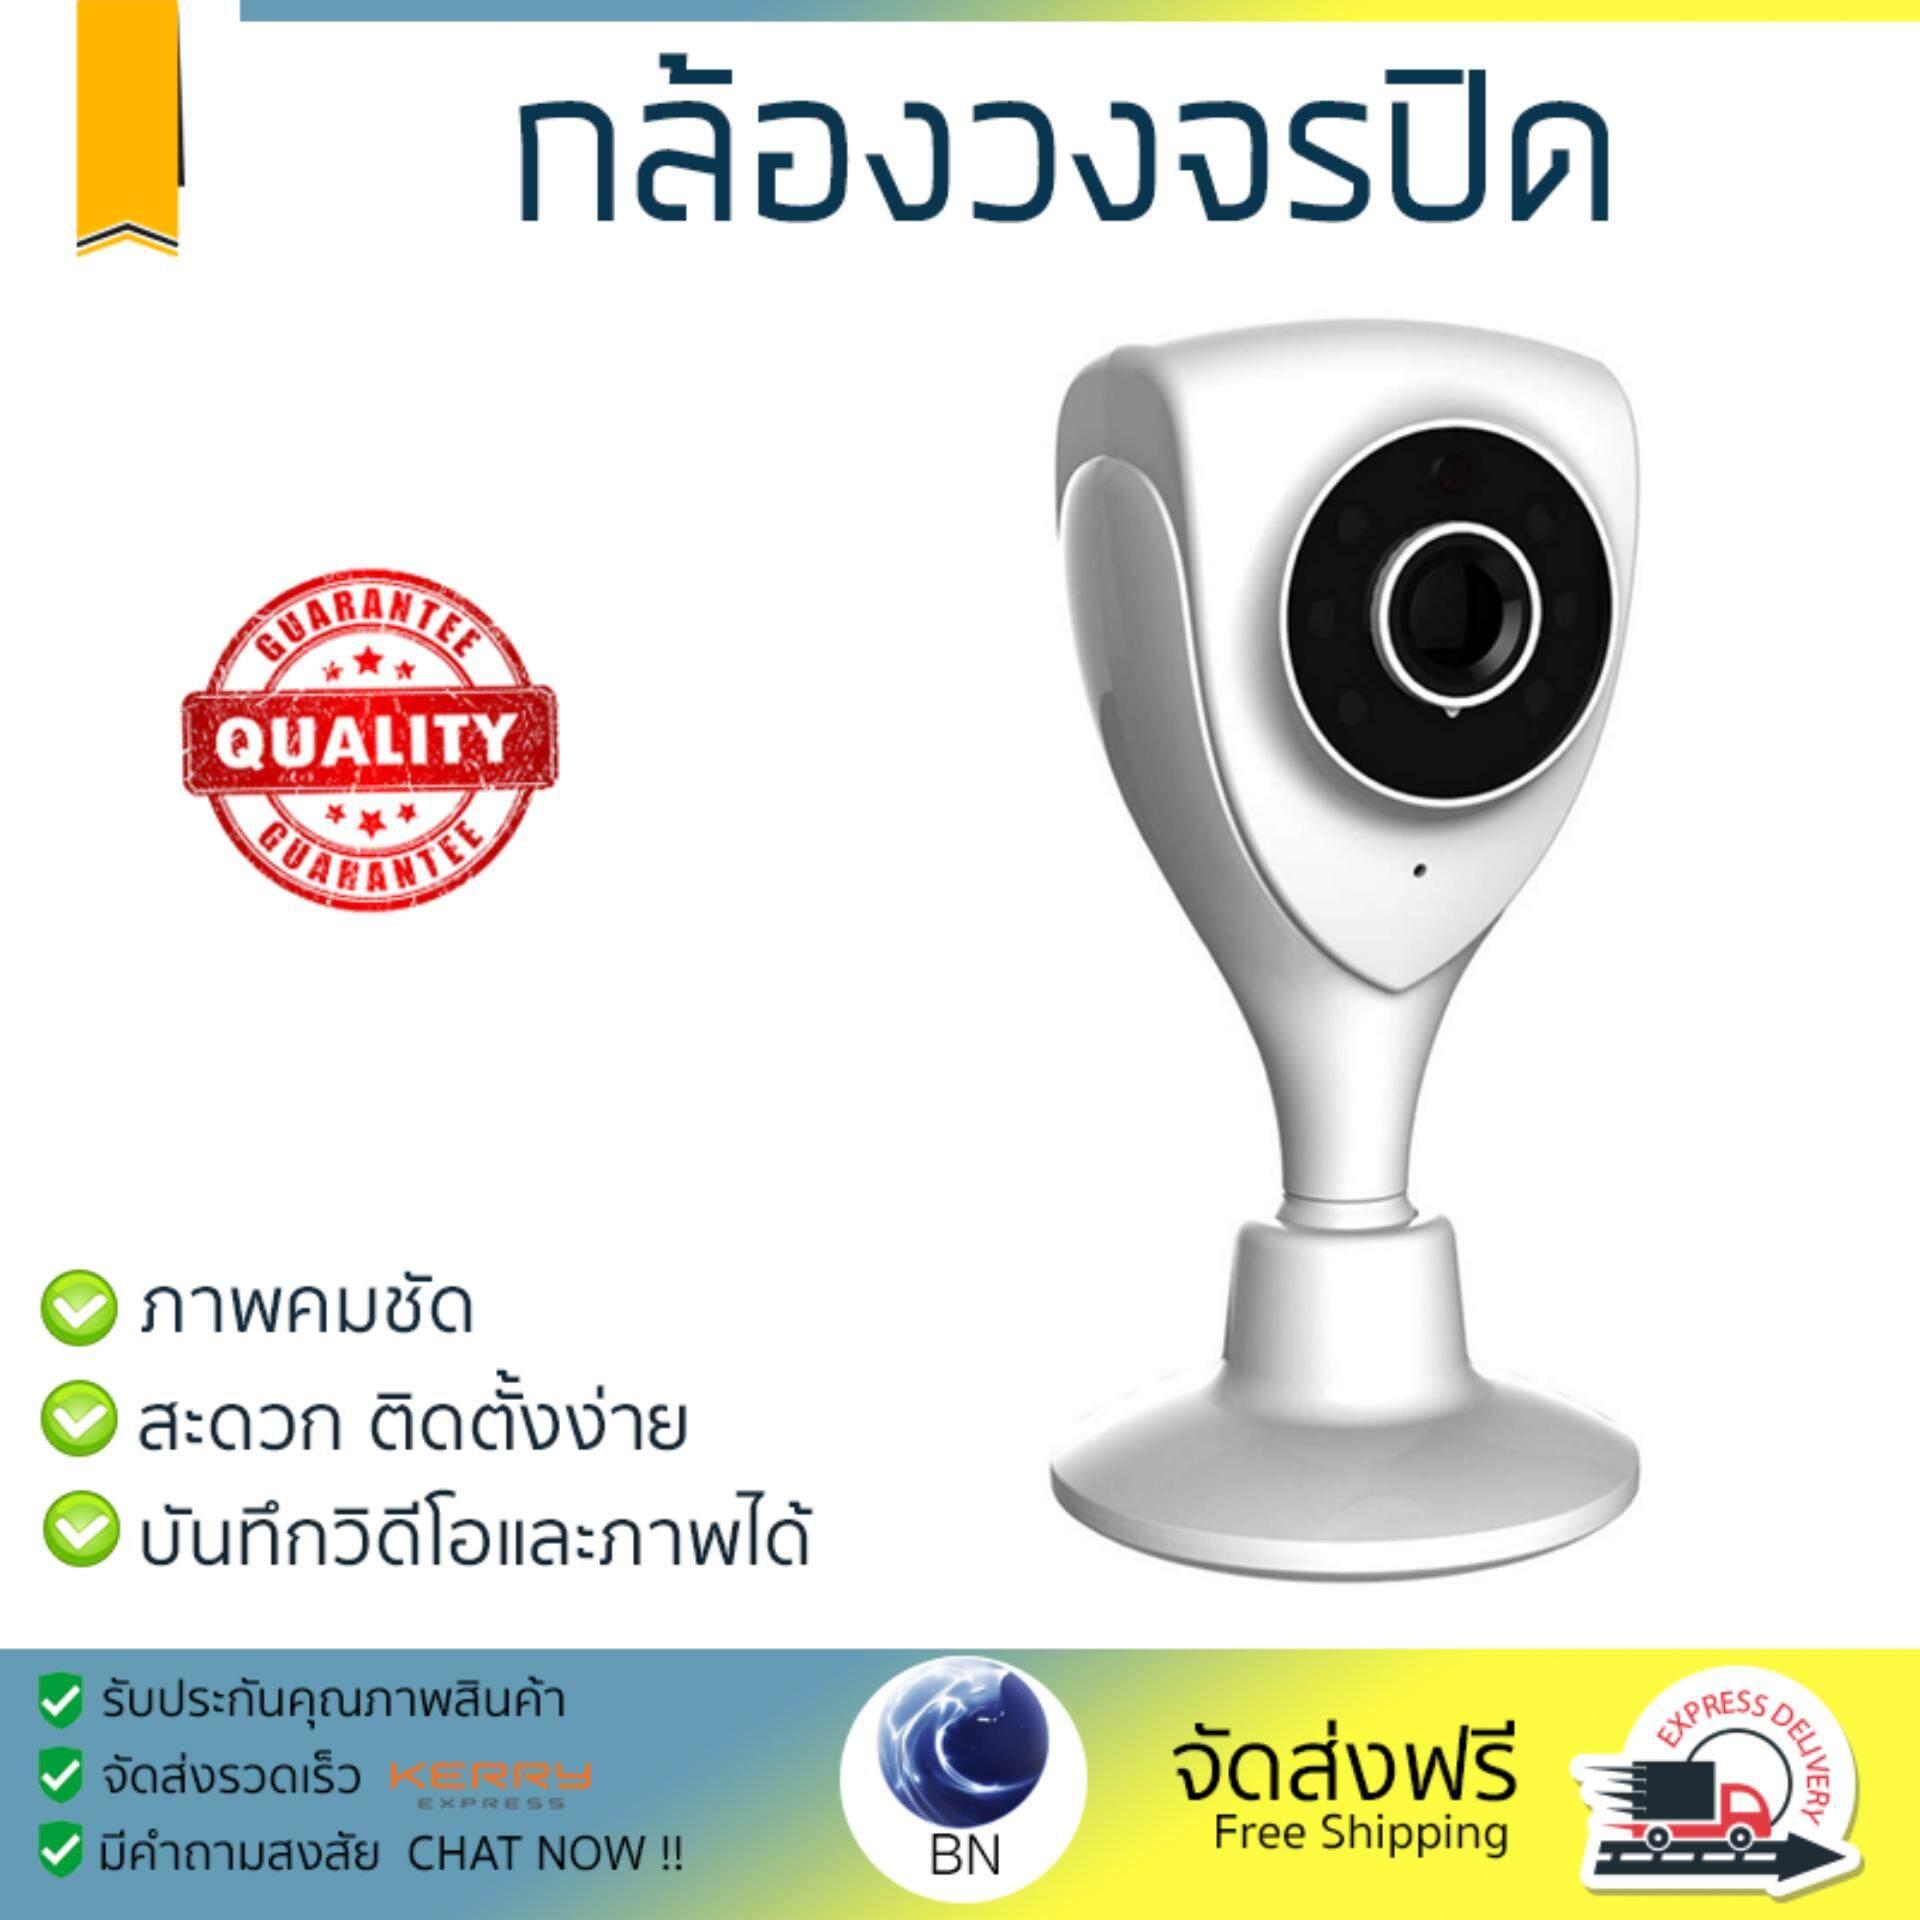 ลดสุดๆ โปรโมชัน กล้องวงจรปิด           VIMTAG กล้องวงจรปิดภายในบ้าน รุ่น SHIELD 720P-CM1             ภาพคมชัด ปรับมุมมองได้ กล้อง IP Camera รับประกันสินค้า 1 ปี จัดส่งฟรี Kerry ทั่วประเทศ